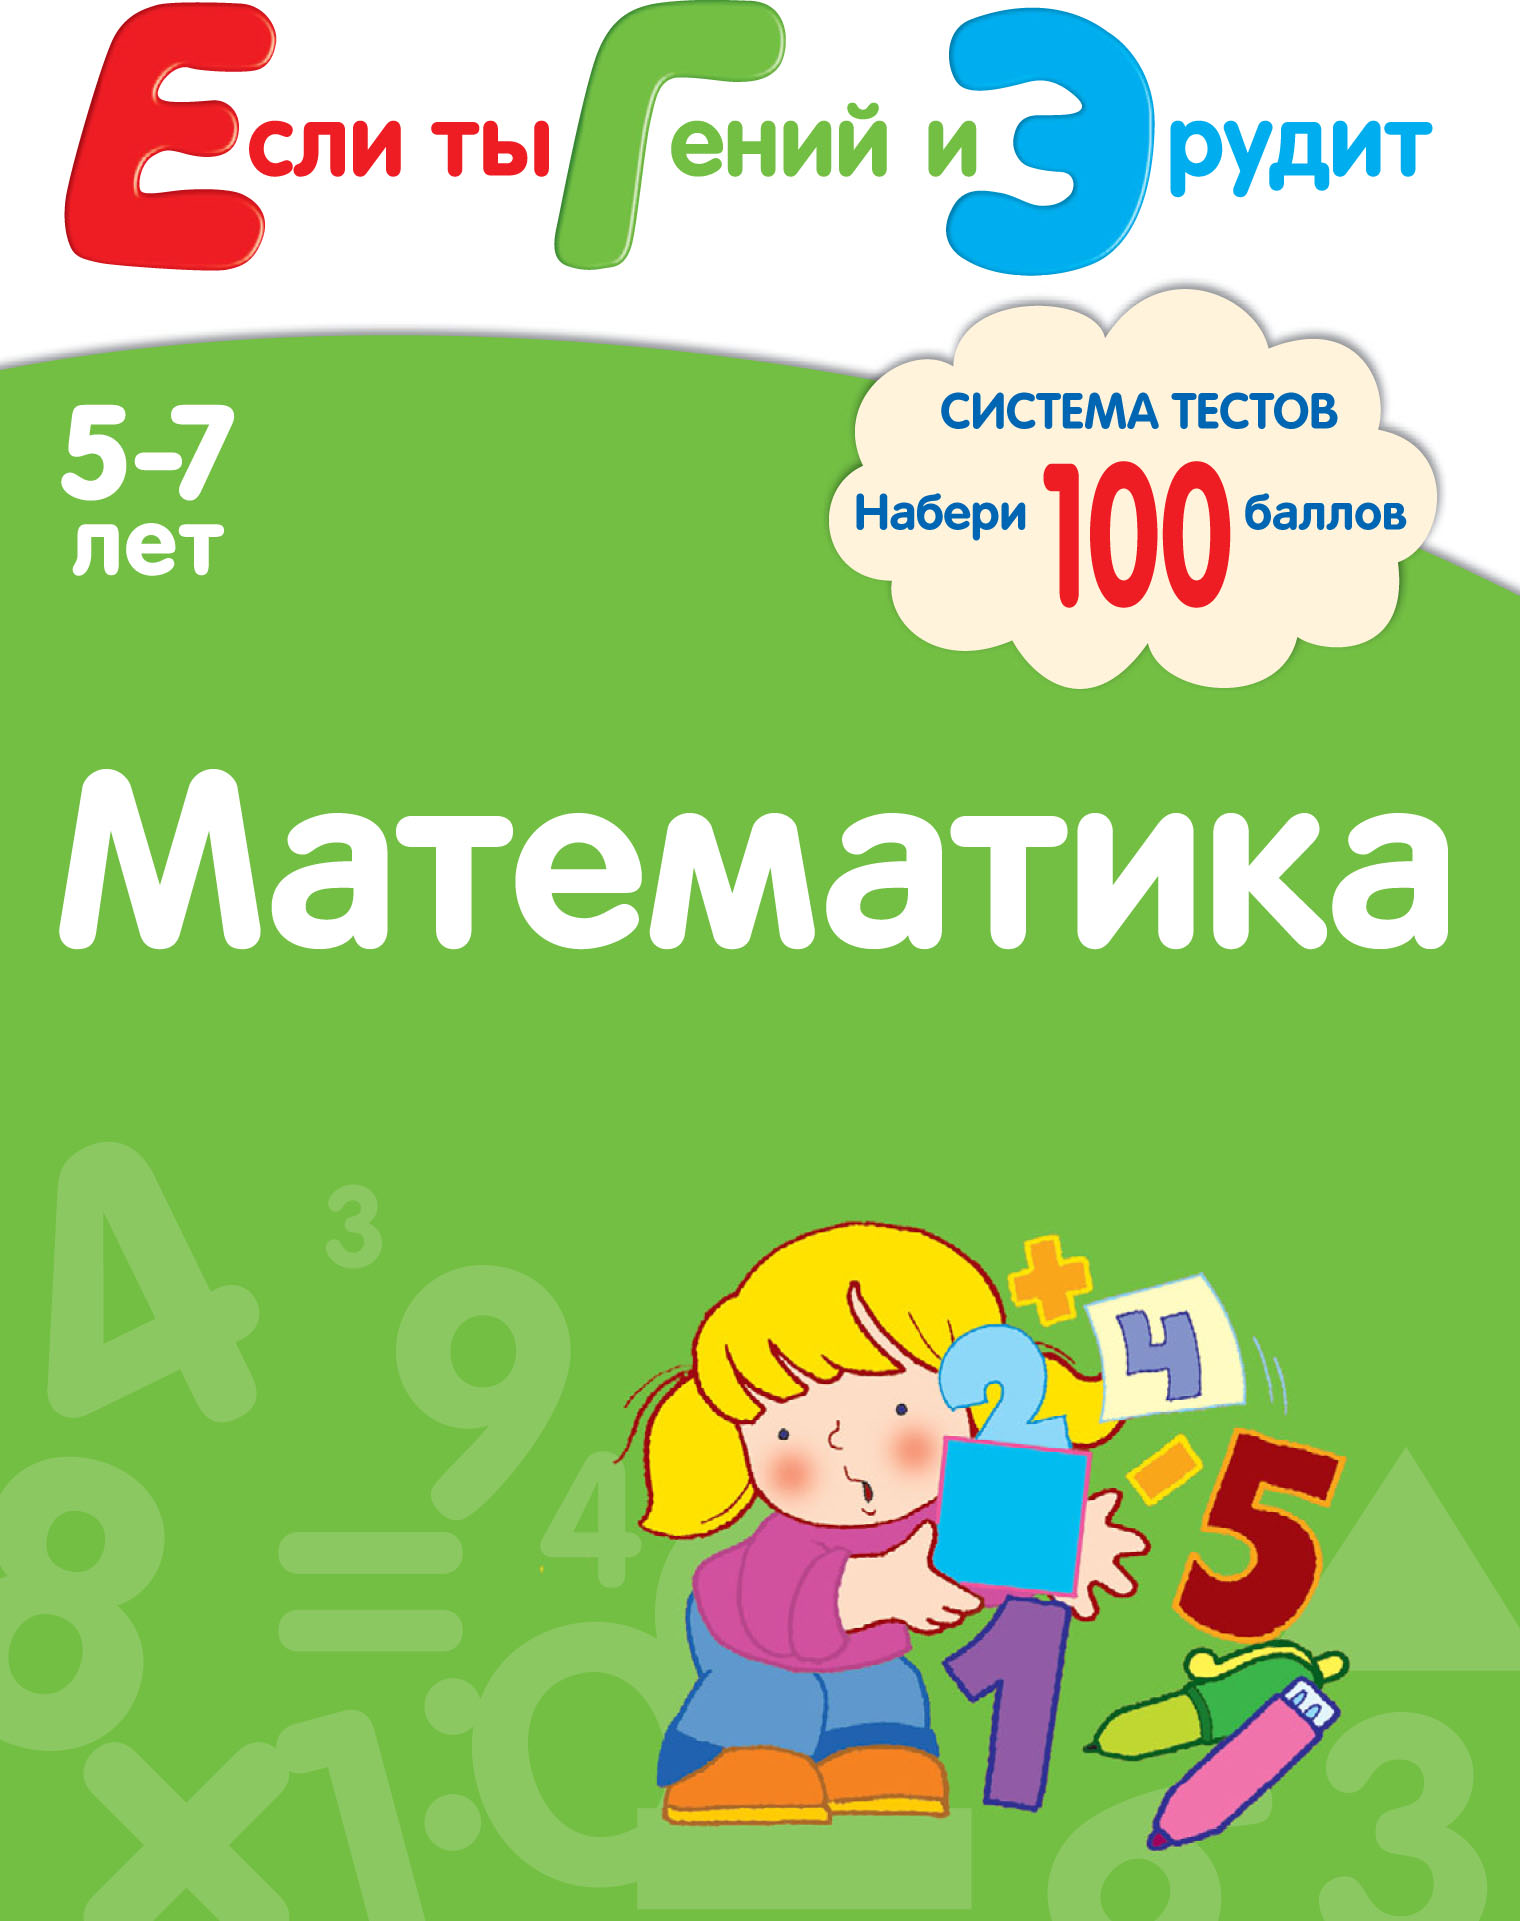 С. Е. Гаврина Математика. Система тестов для детей 5-7 лет с е гаврина математика система тестов для детей 5 7 лет